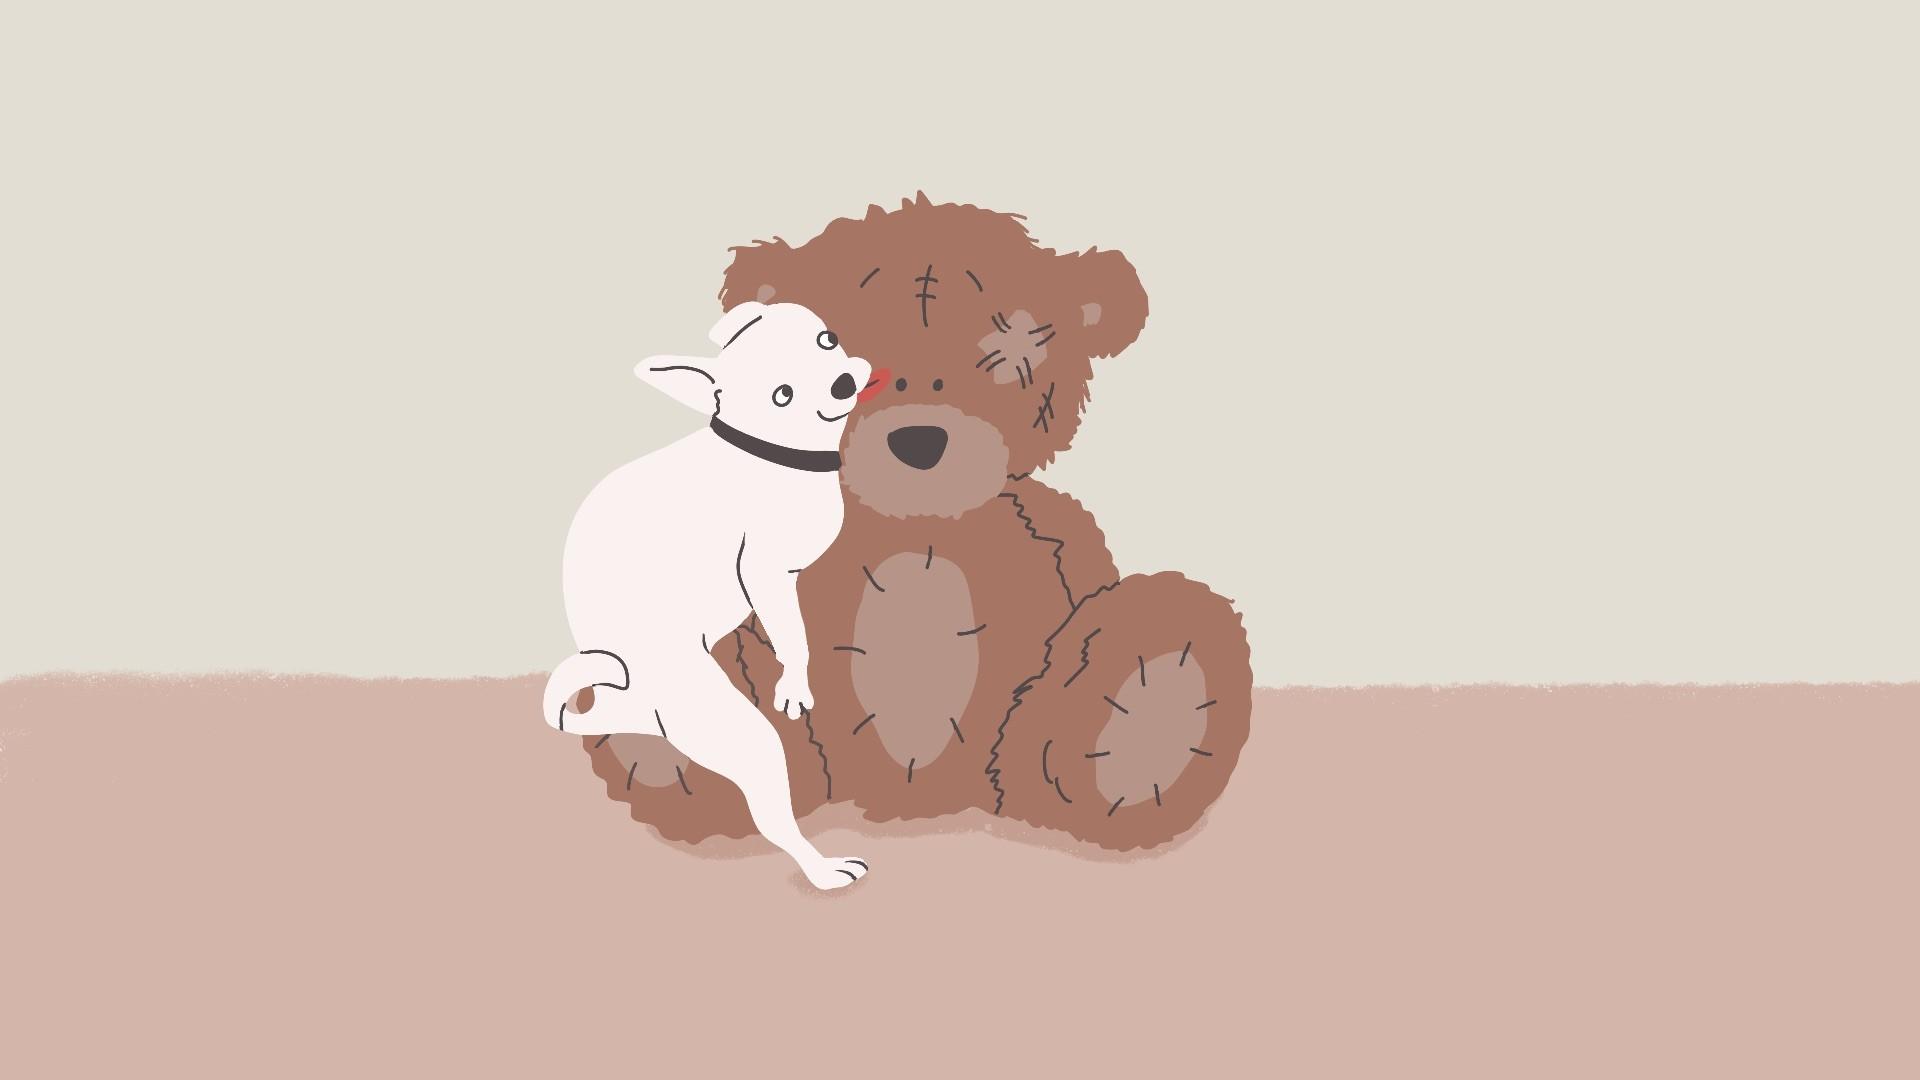 Waarom rijden honden op knuffels of andere objecten